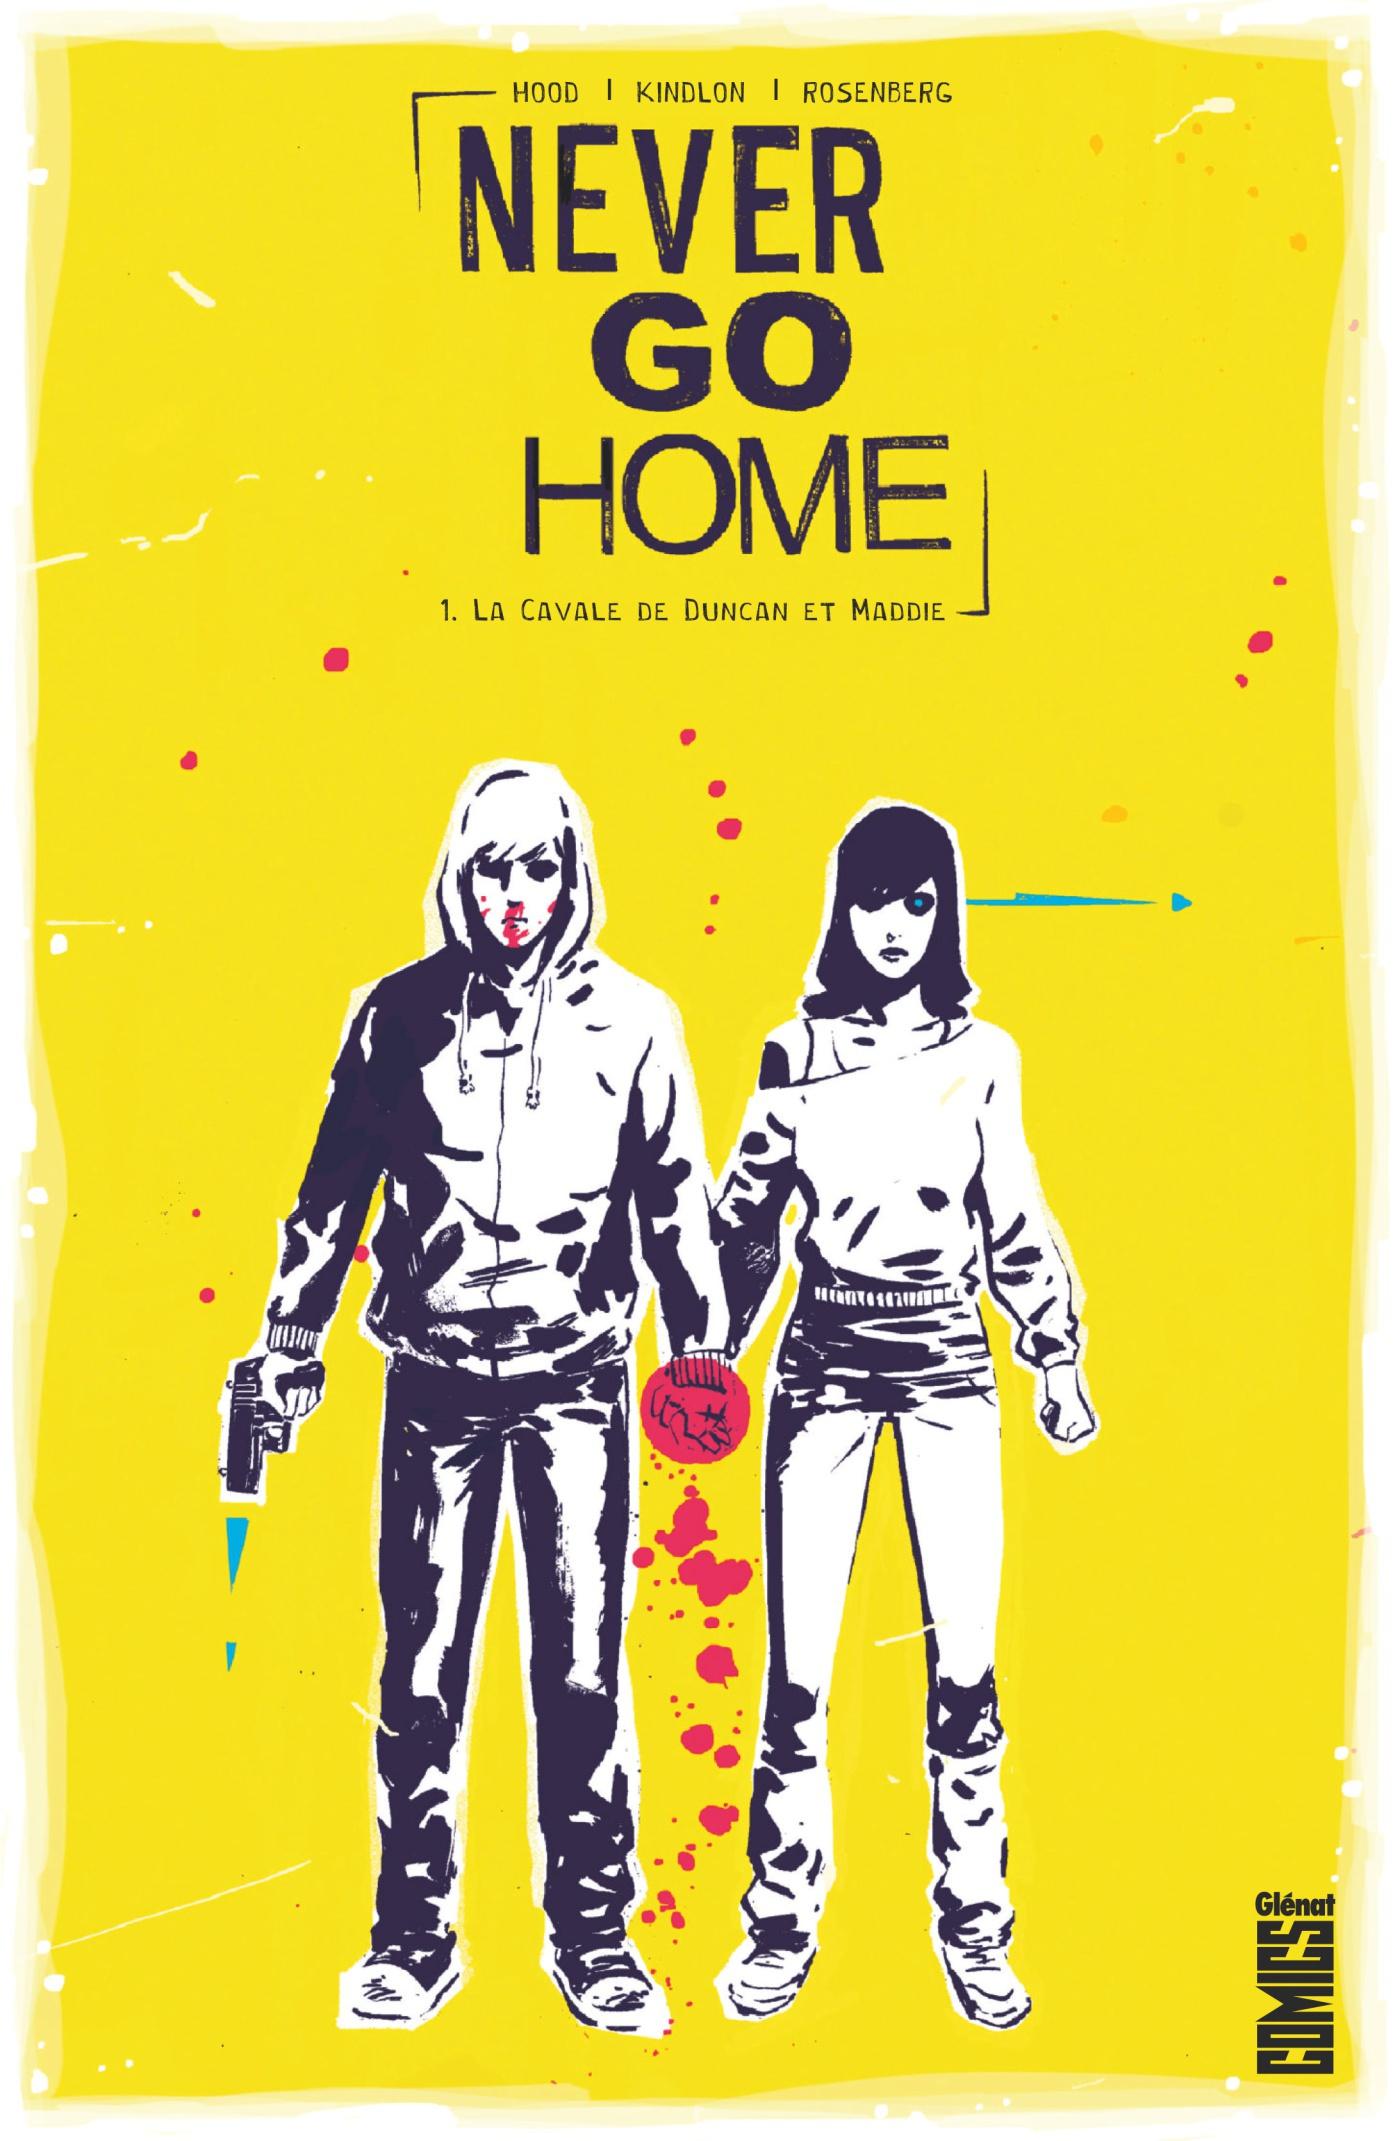 Never Go Home 1 - La Cavale de Duncan et Maddie